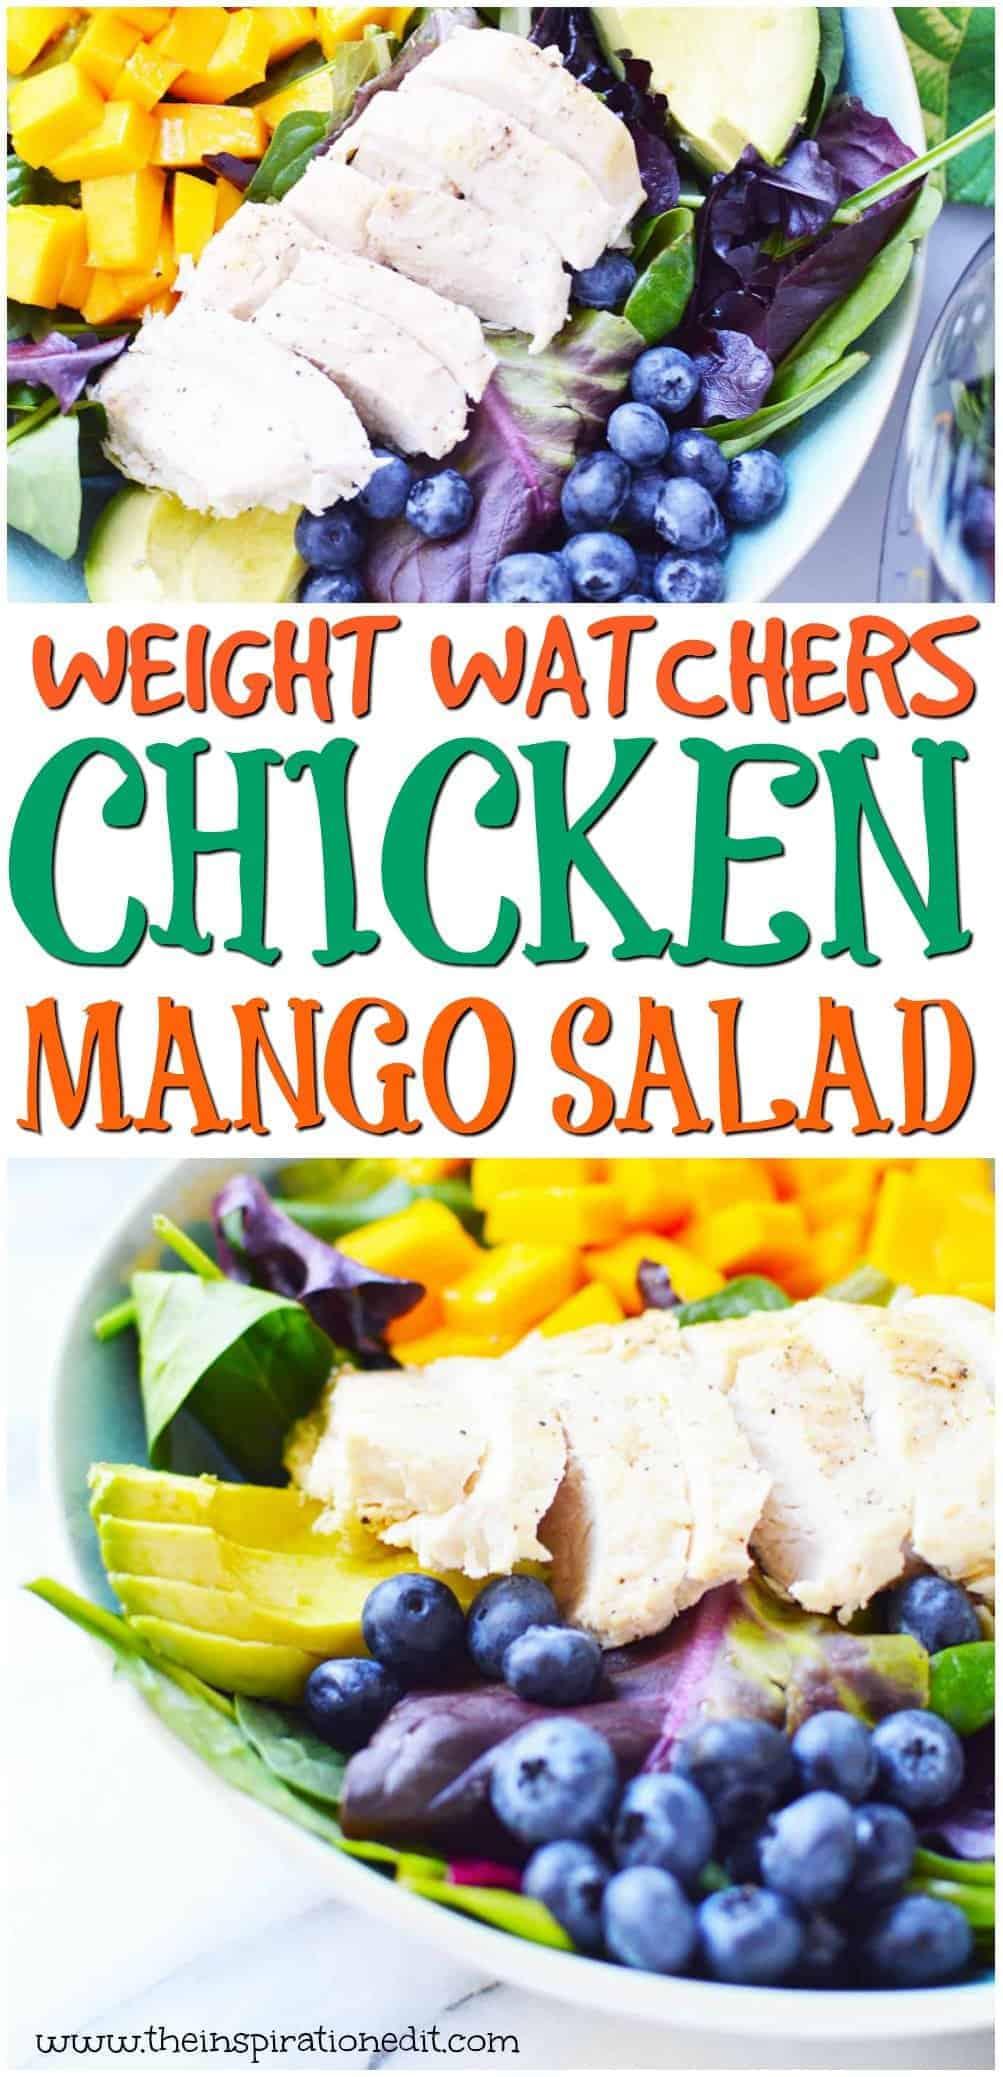 chicken mango salad only 3 weight watchers points